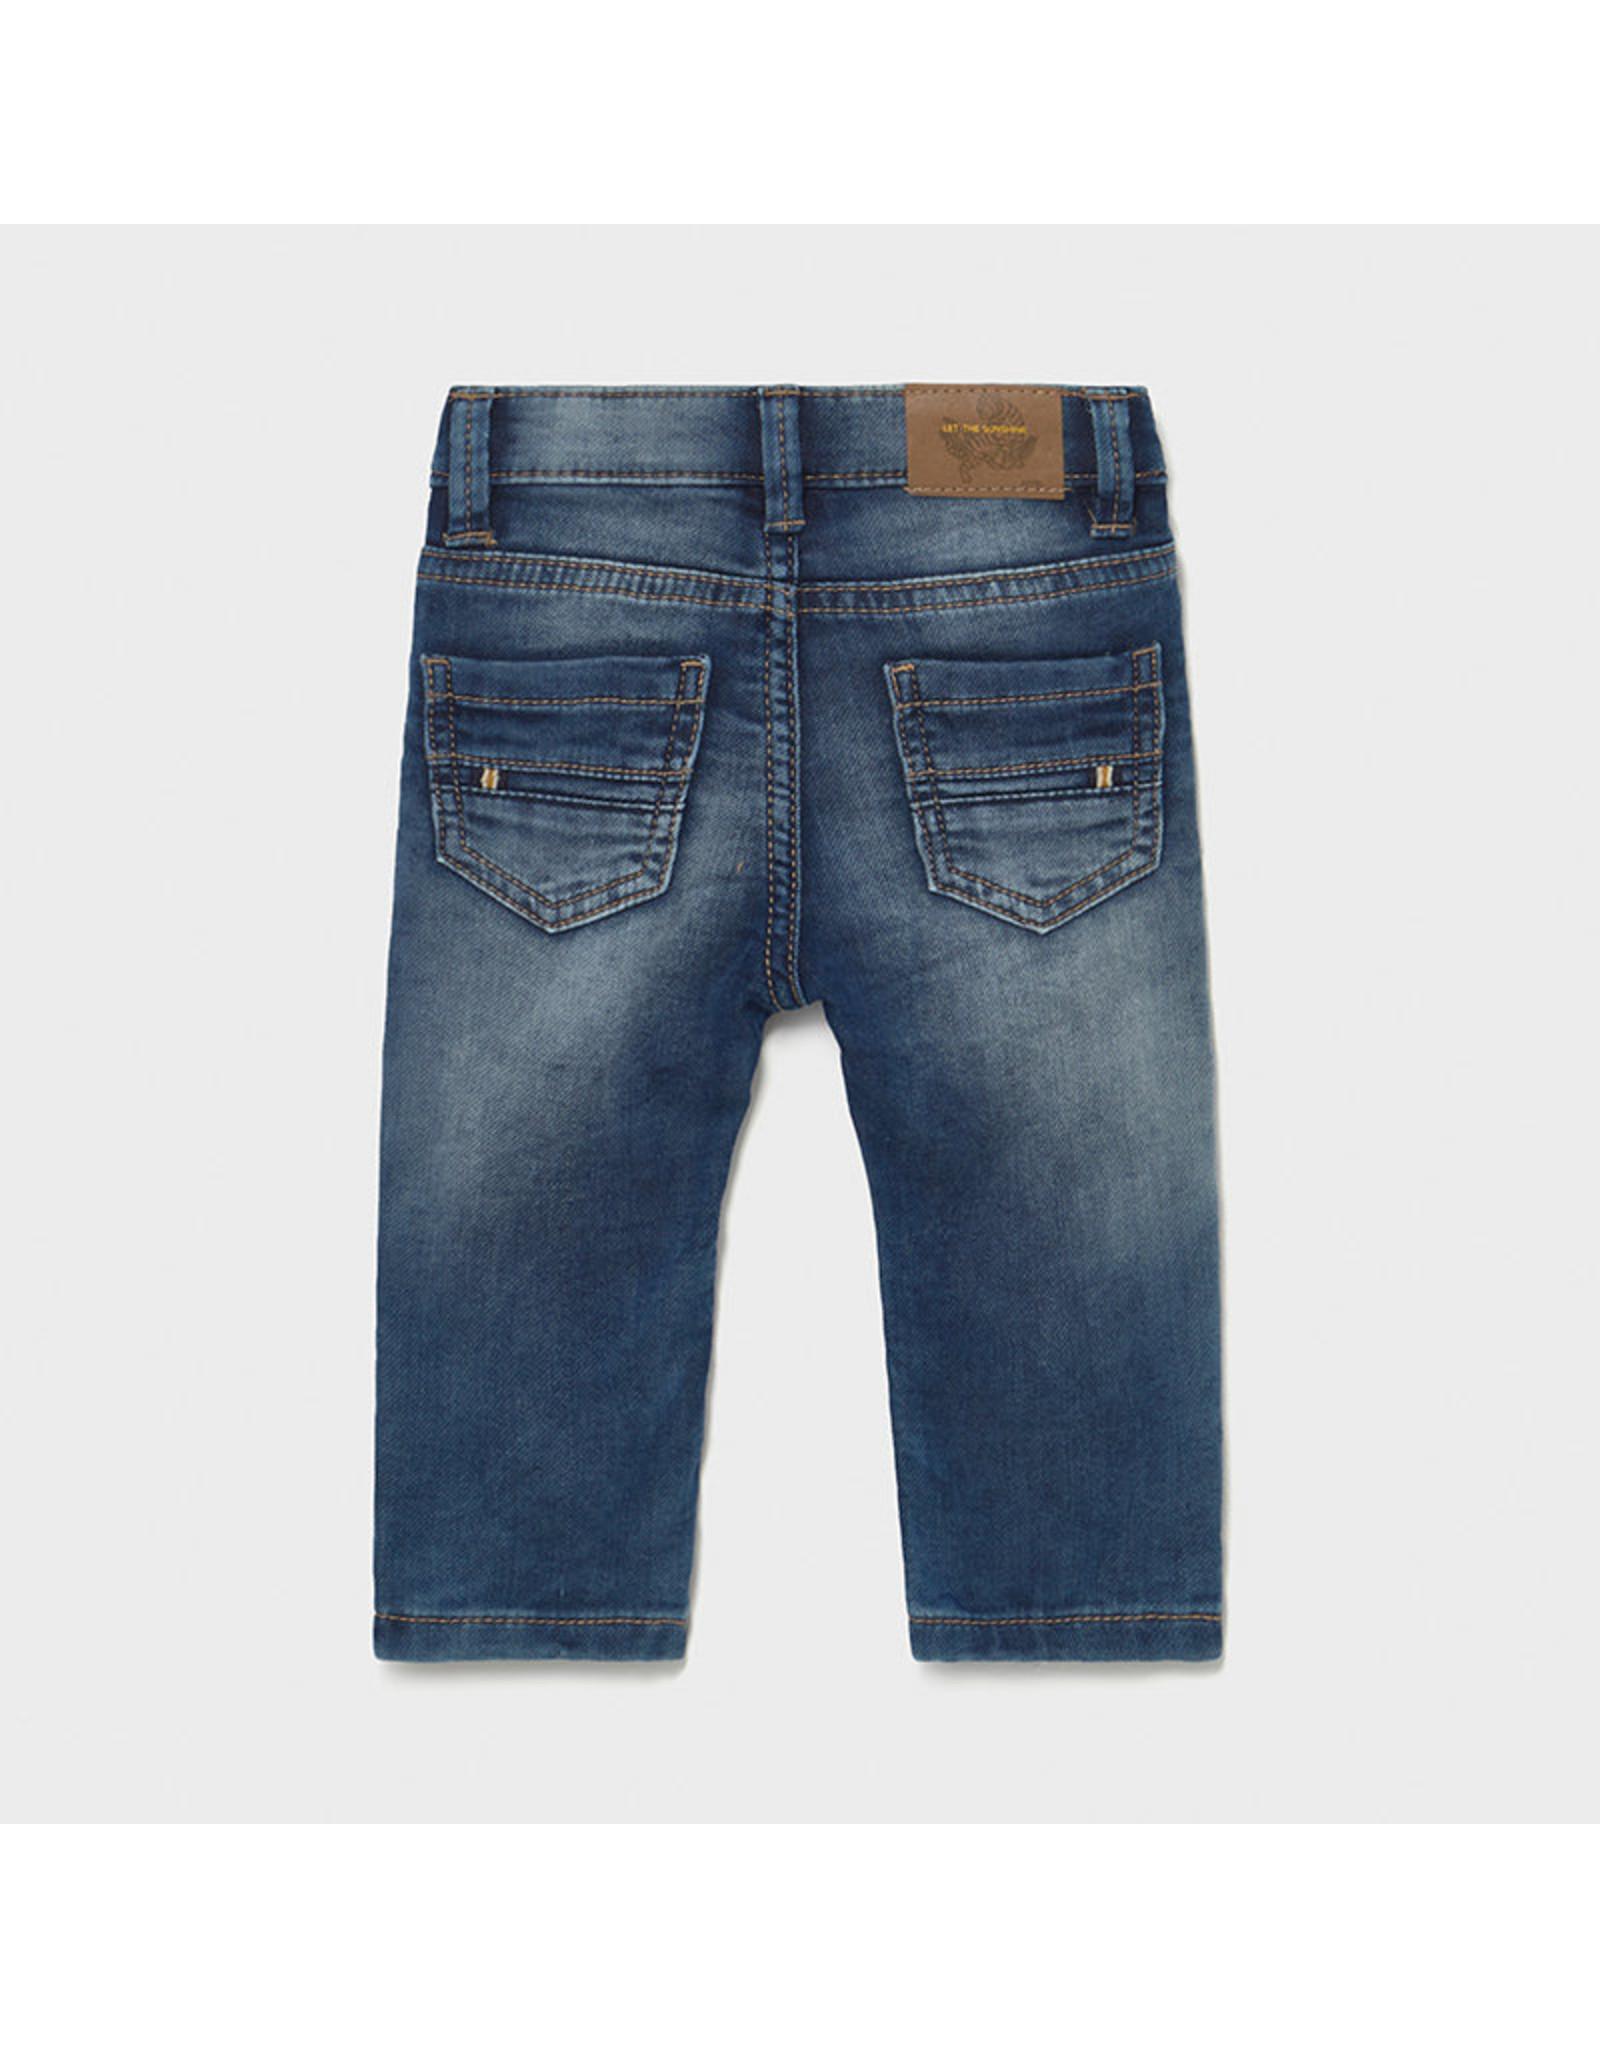 Mayoral Soft denim jeans Medium